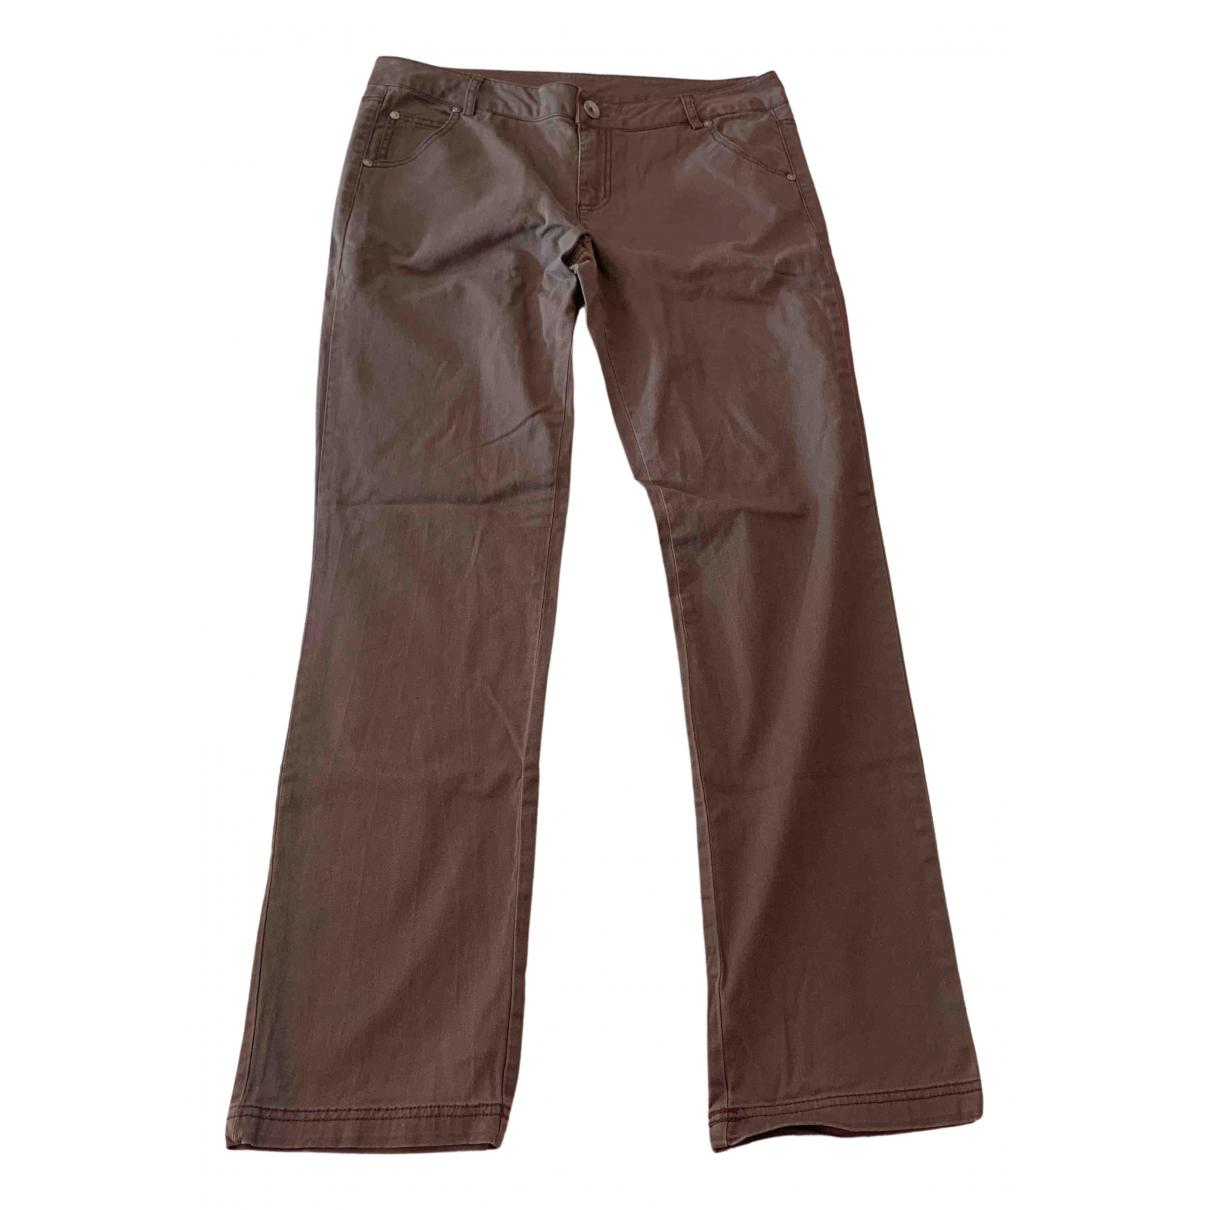 Pantalon recto Benetton